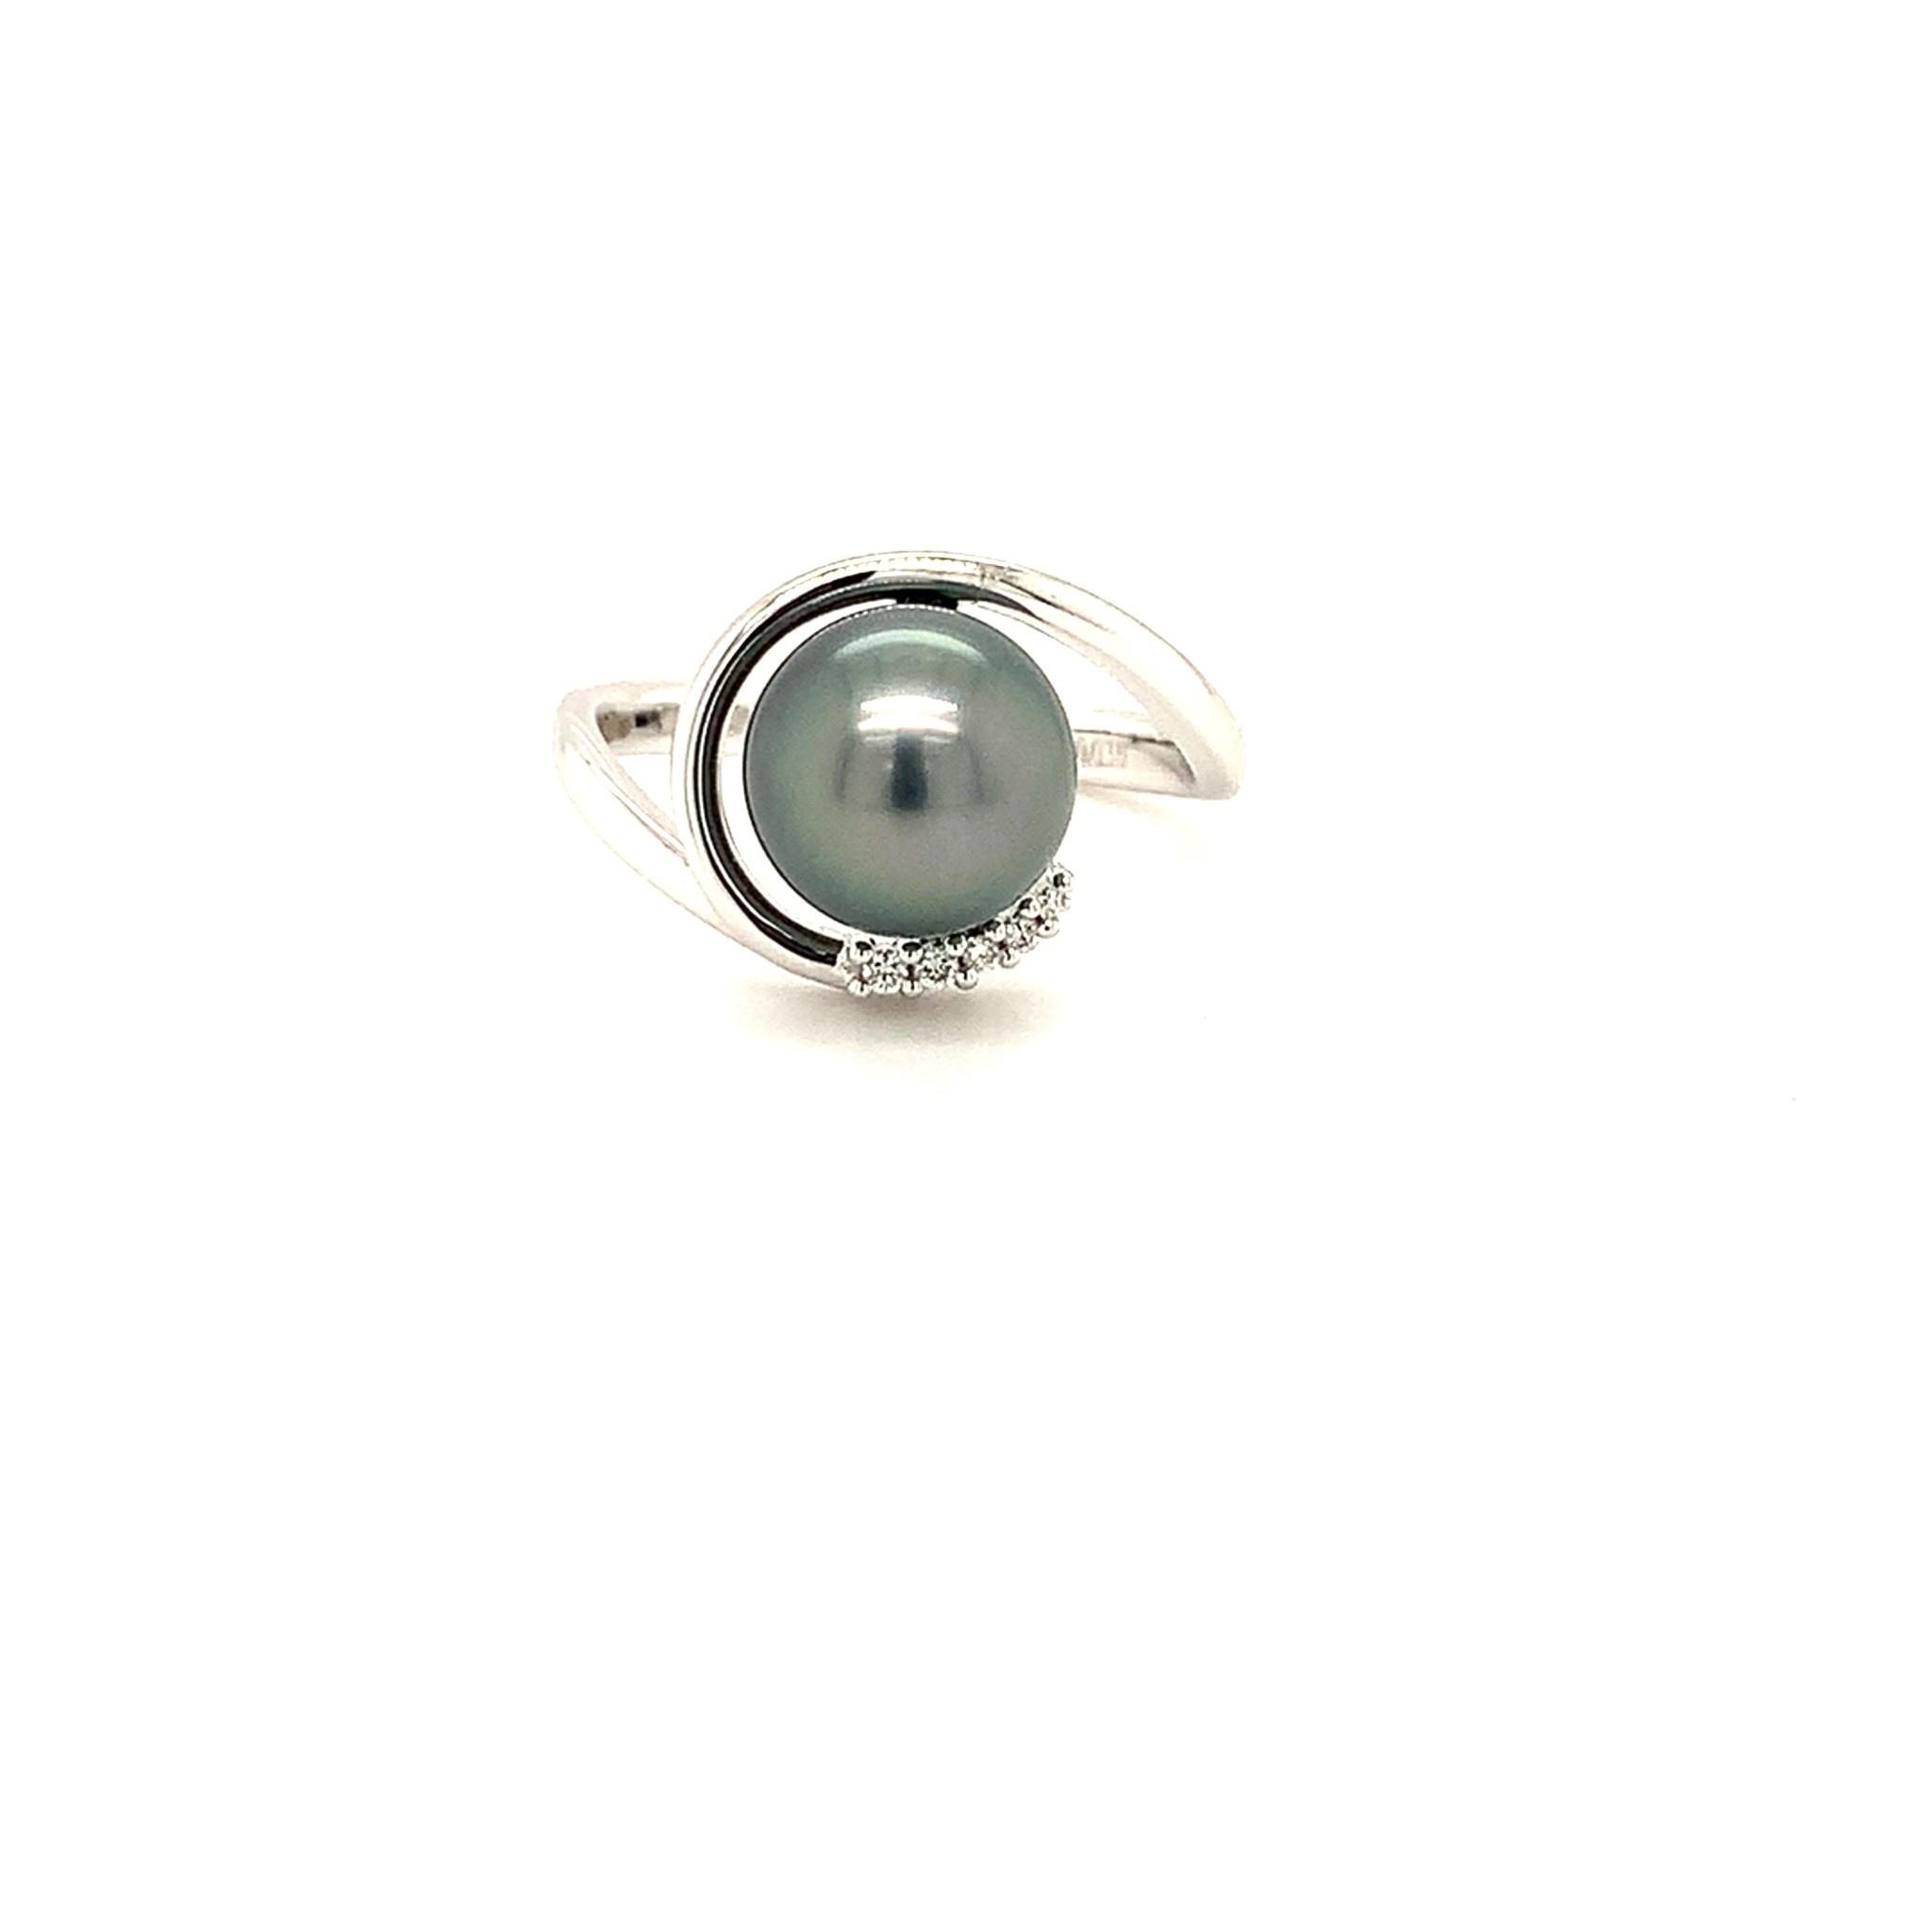 ROEMER ROEMER ring met Tahiti Parel en diamant maat 18